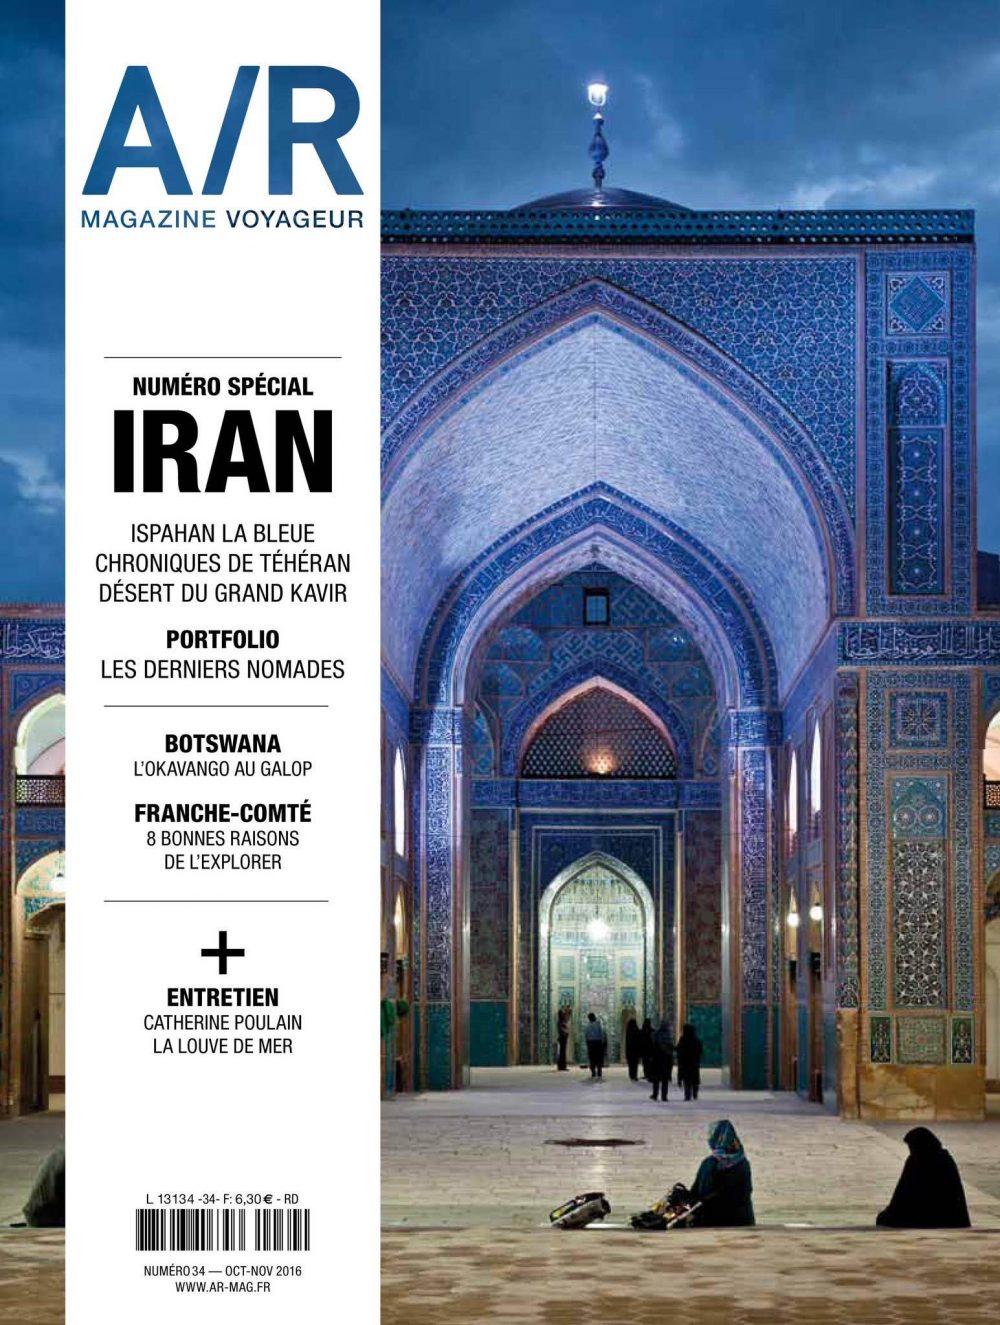 le nouveau A/R spécial IRAN est de sortie